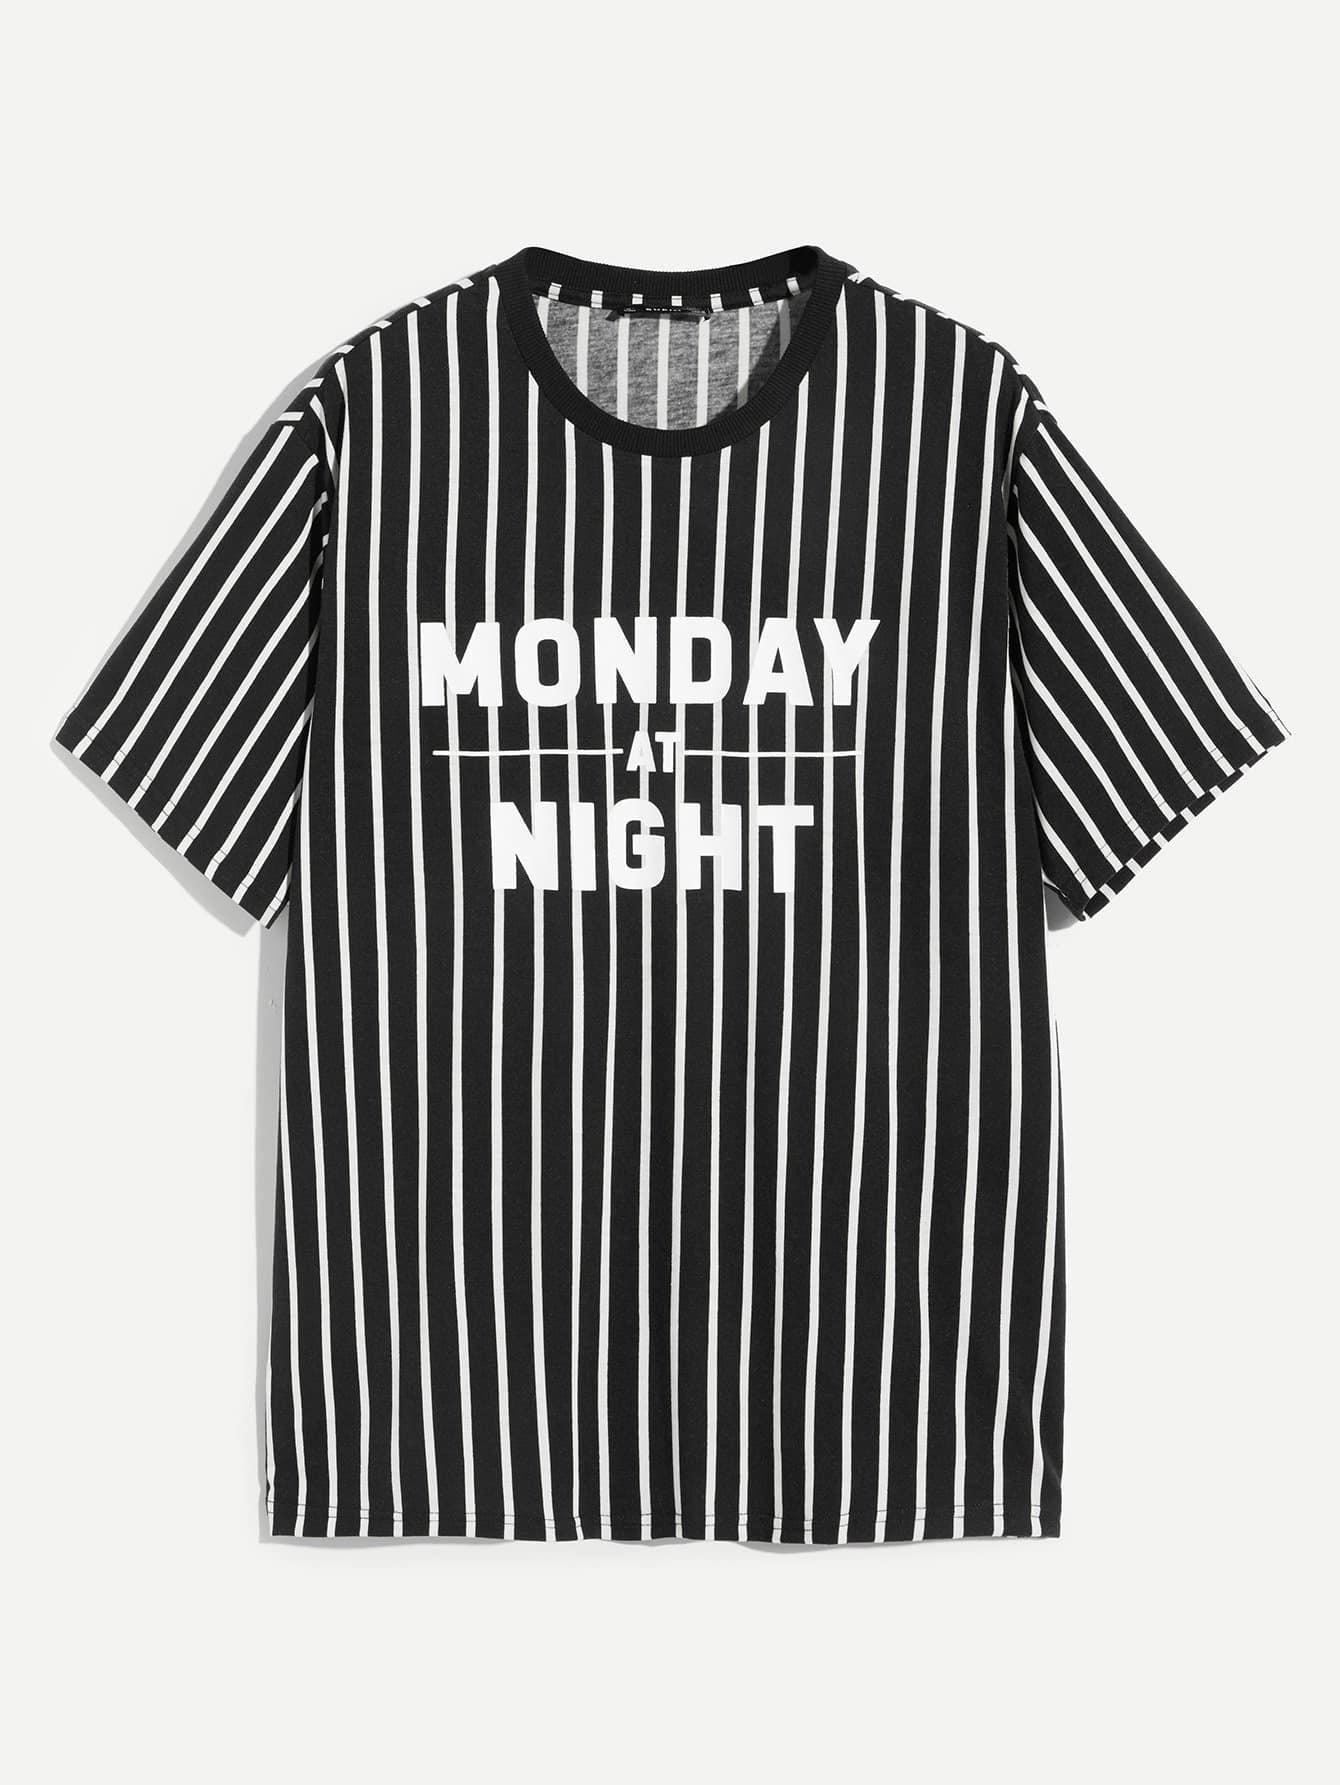 Купить Мужская полосатая футболка униформы с принтом букв, null, SheIn